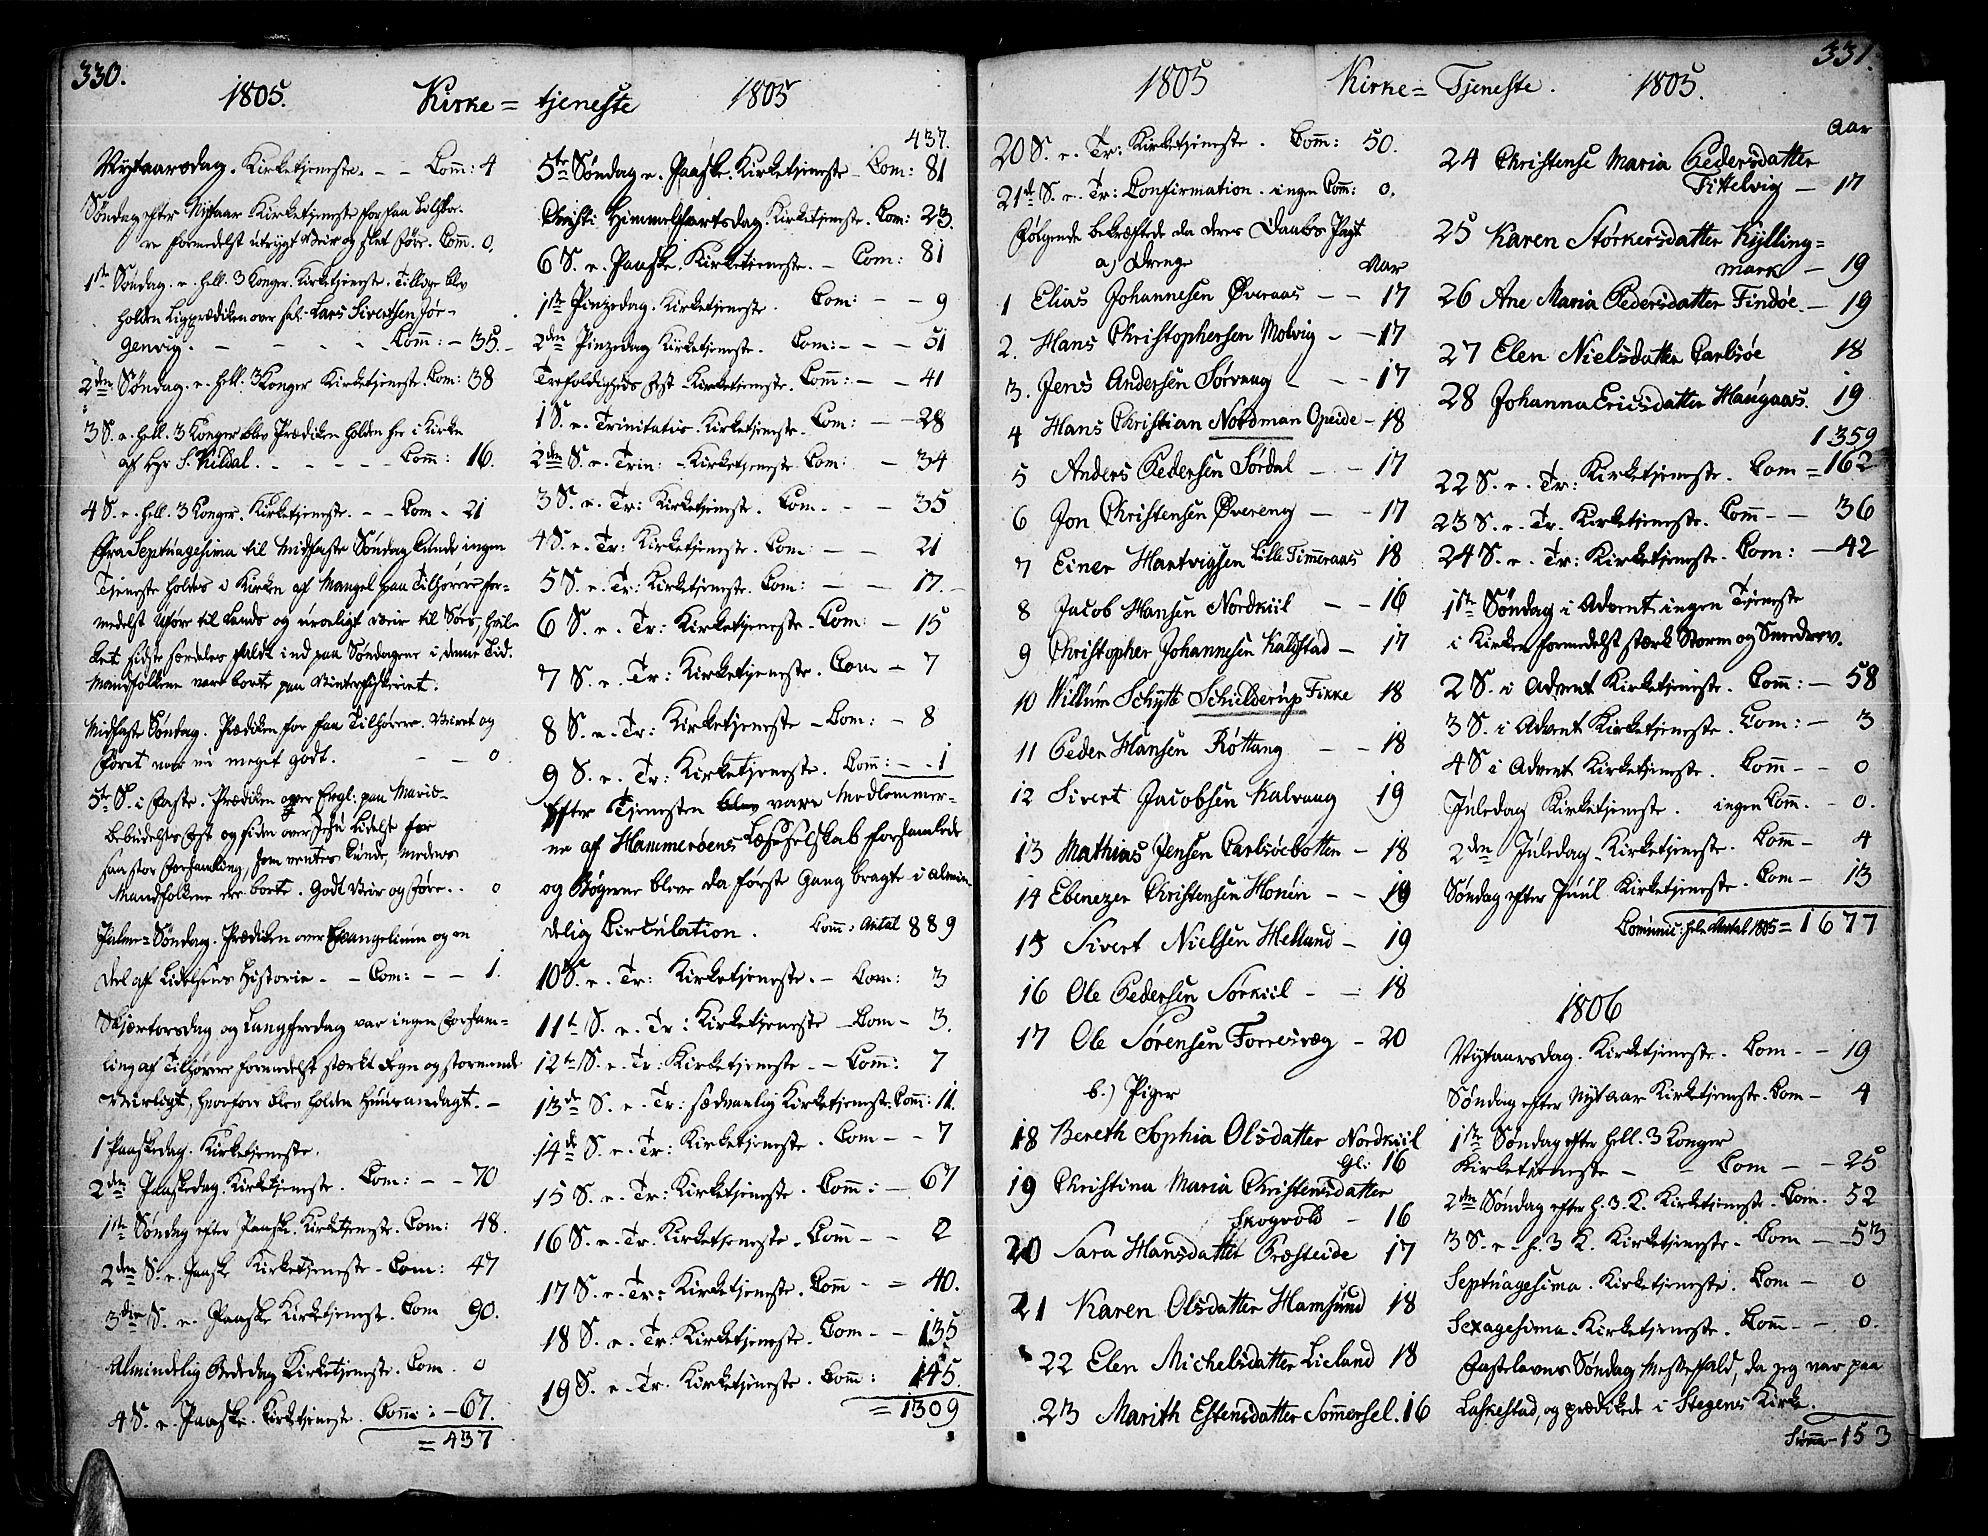 SAT, Ministerialprotokoller, klokkerbøker og fødselsregistre - Nordland, 859/L0841: Parish register (official) no. 859A01, 1766-1821, p. 330-331